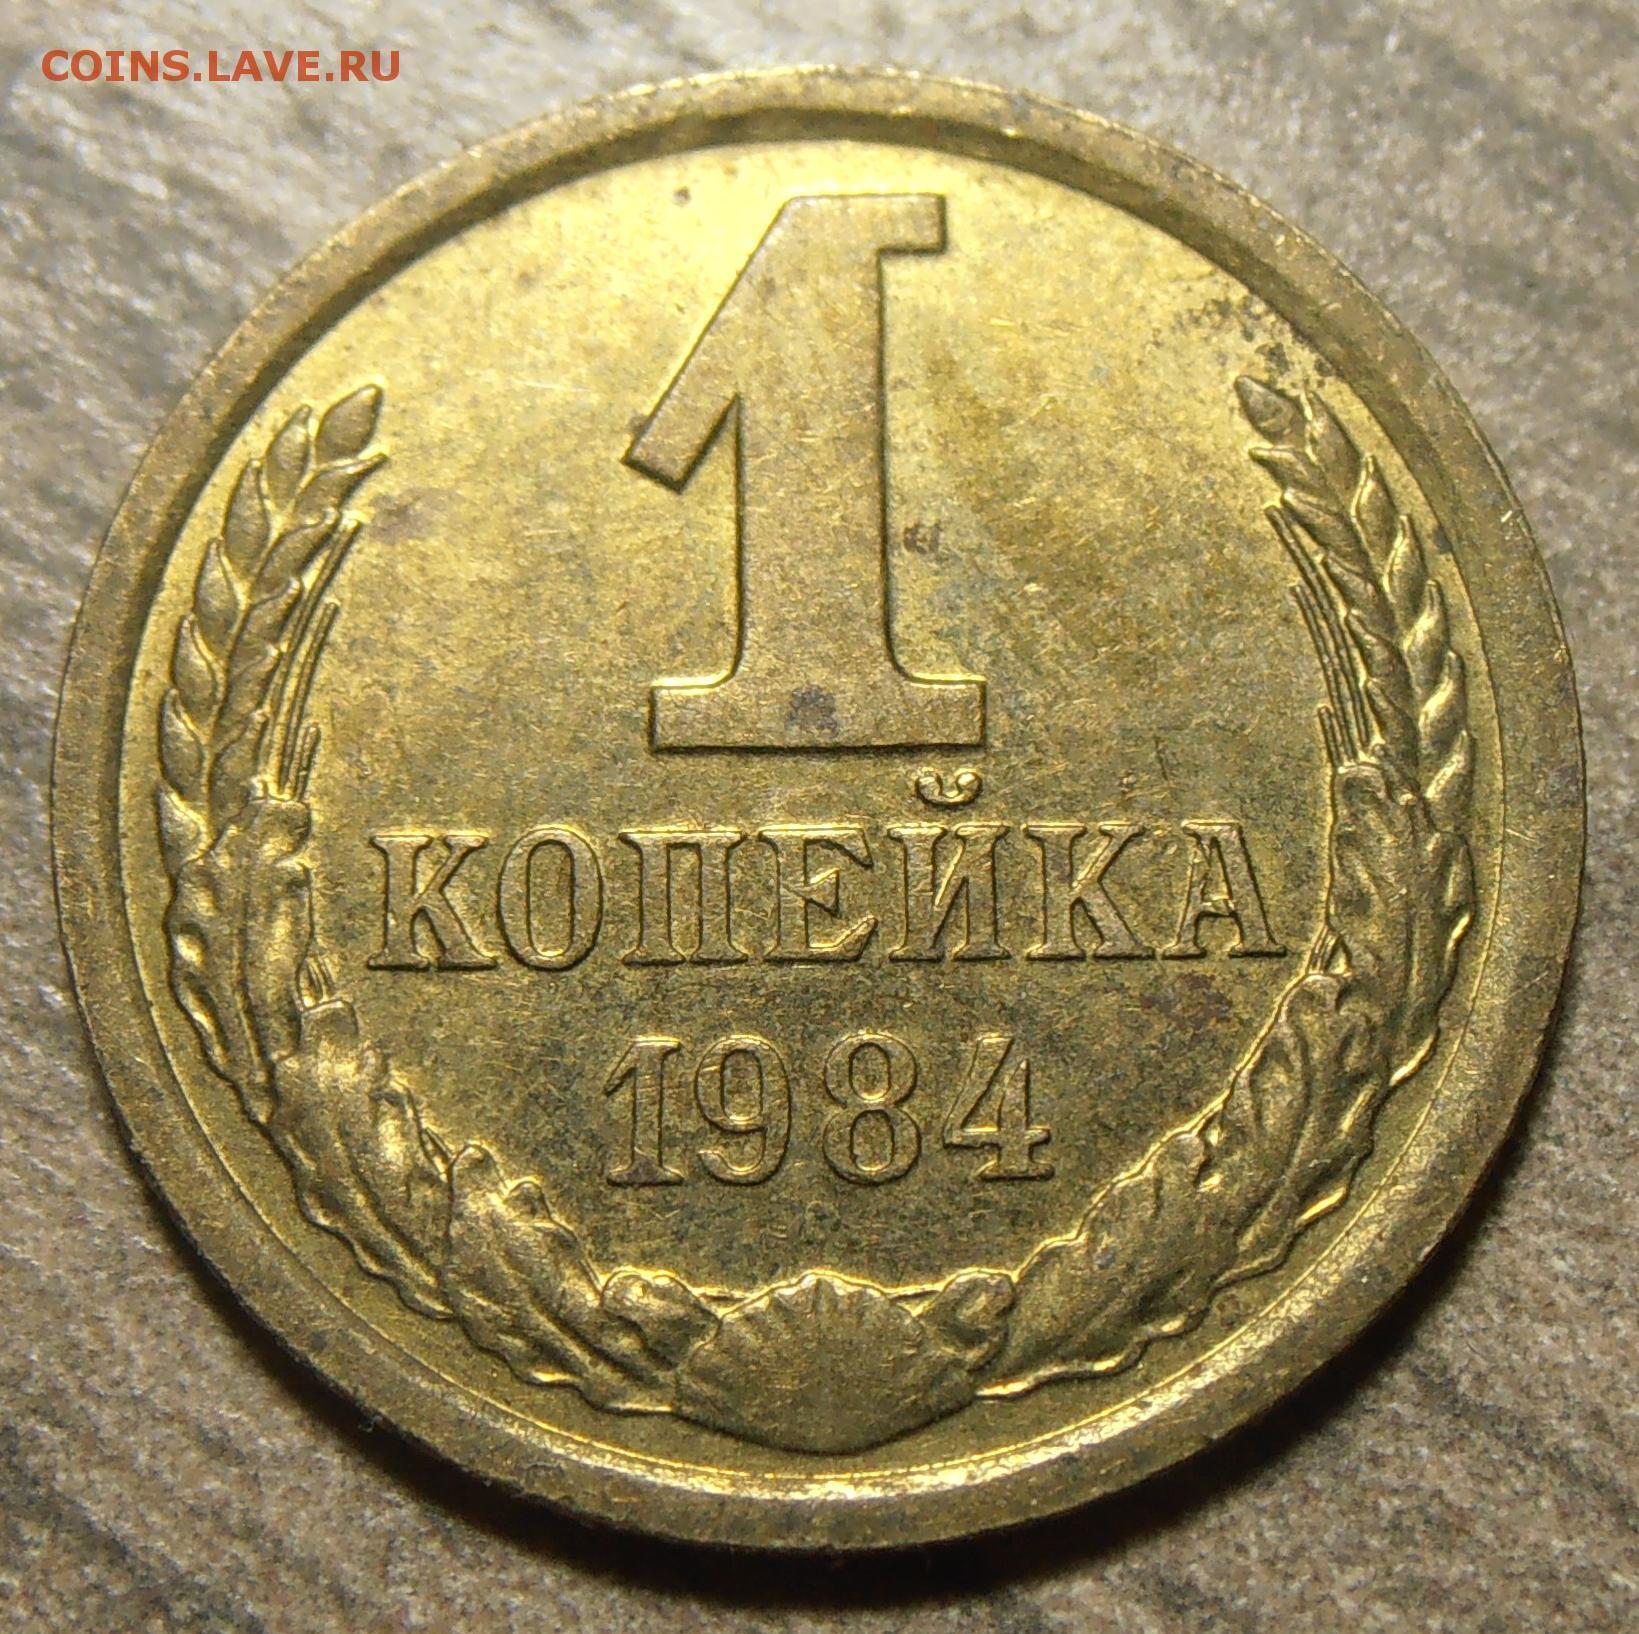 Сколько стоит 1 копейка 1984 года ссср цена золотые монеты в ростове на дону